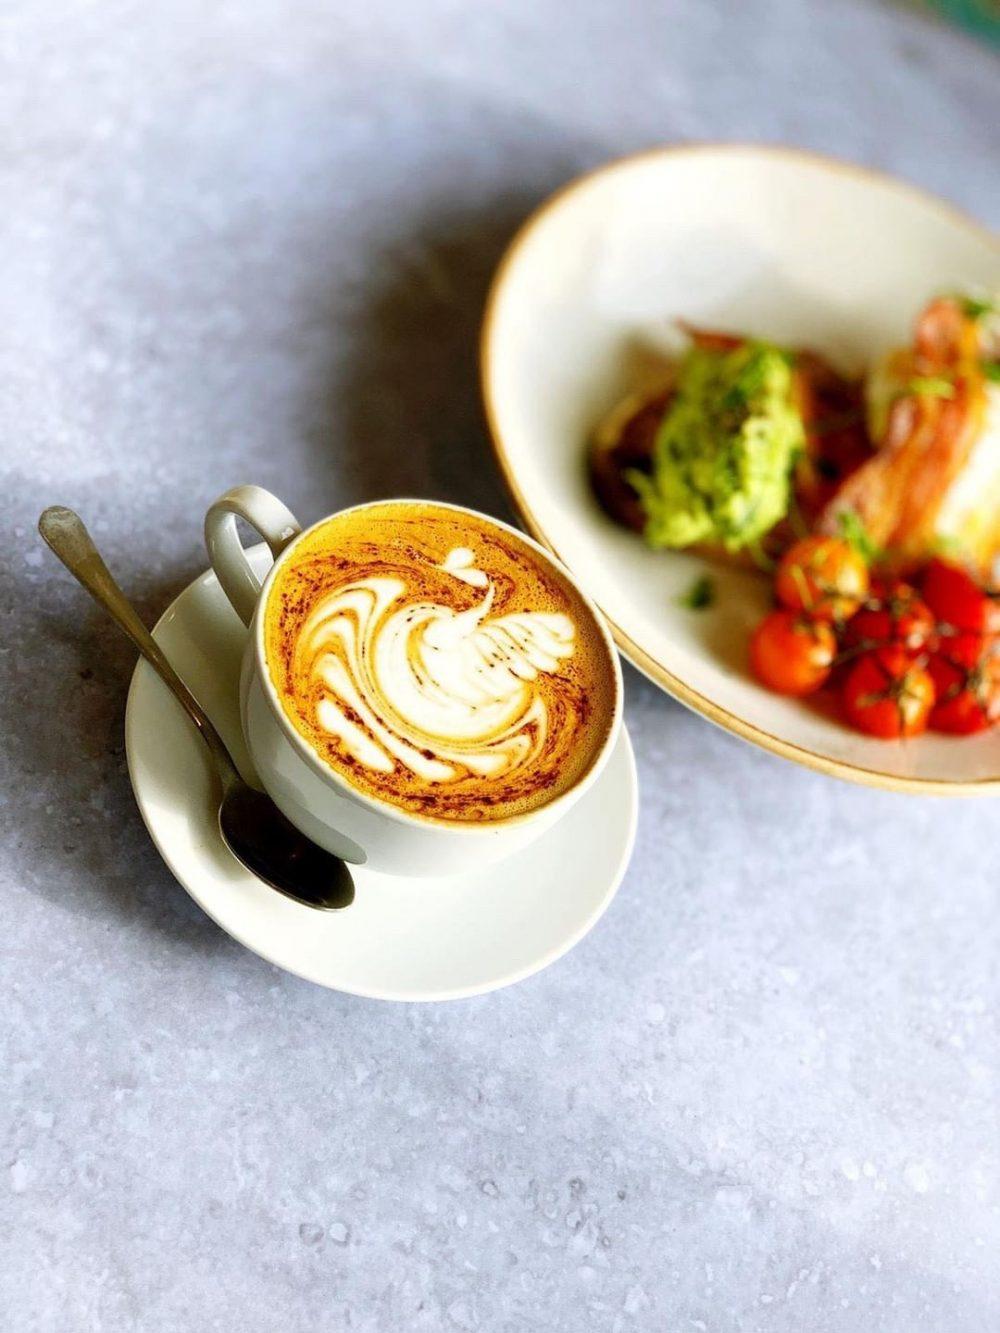 Cafe-Au-Lait-Bath-UK-Brunch